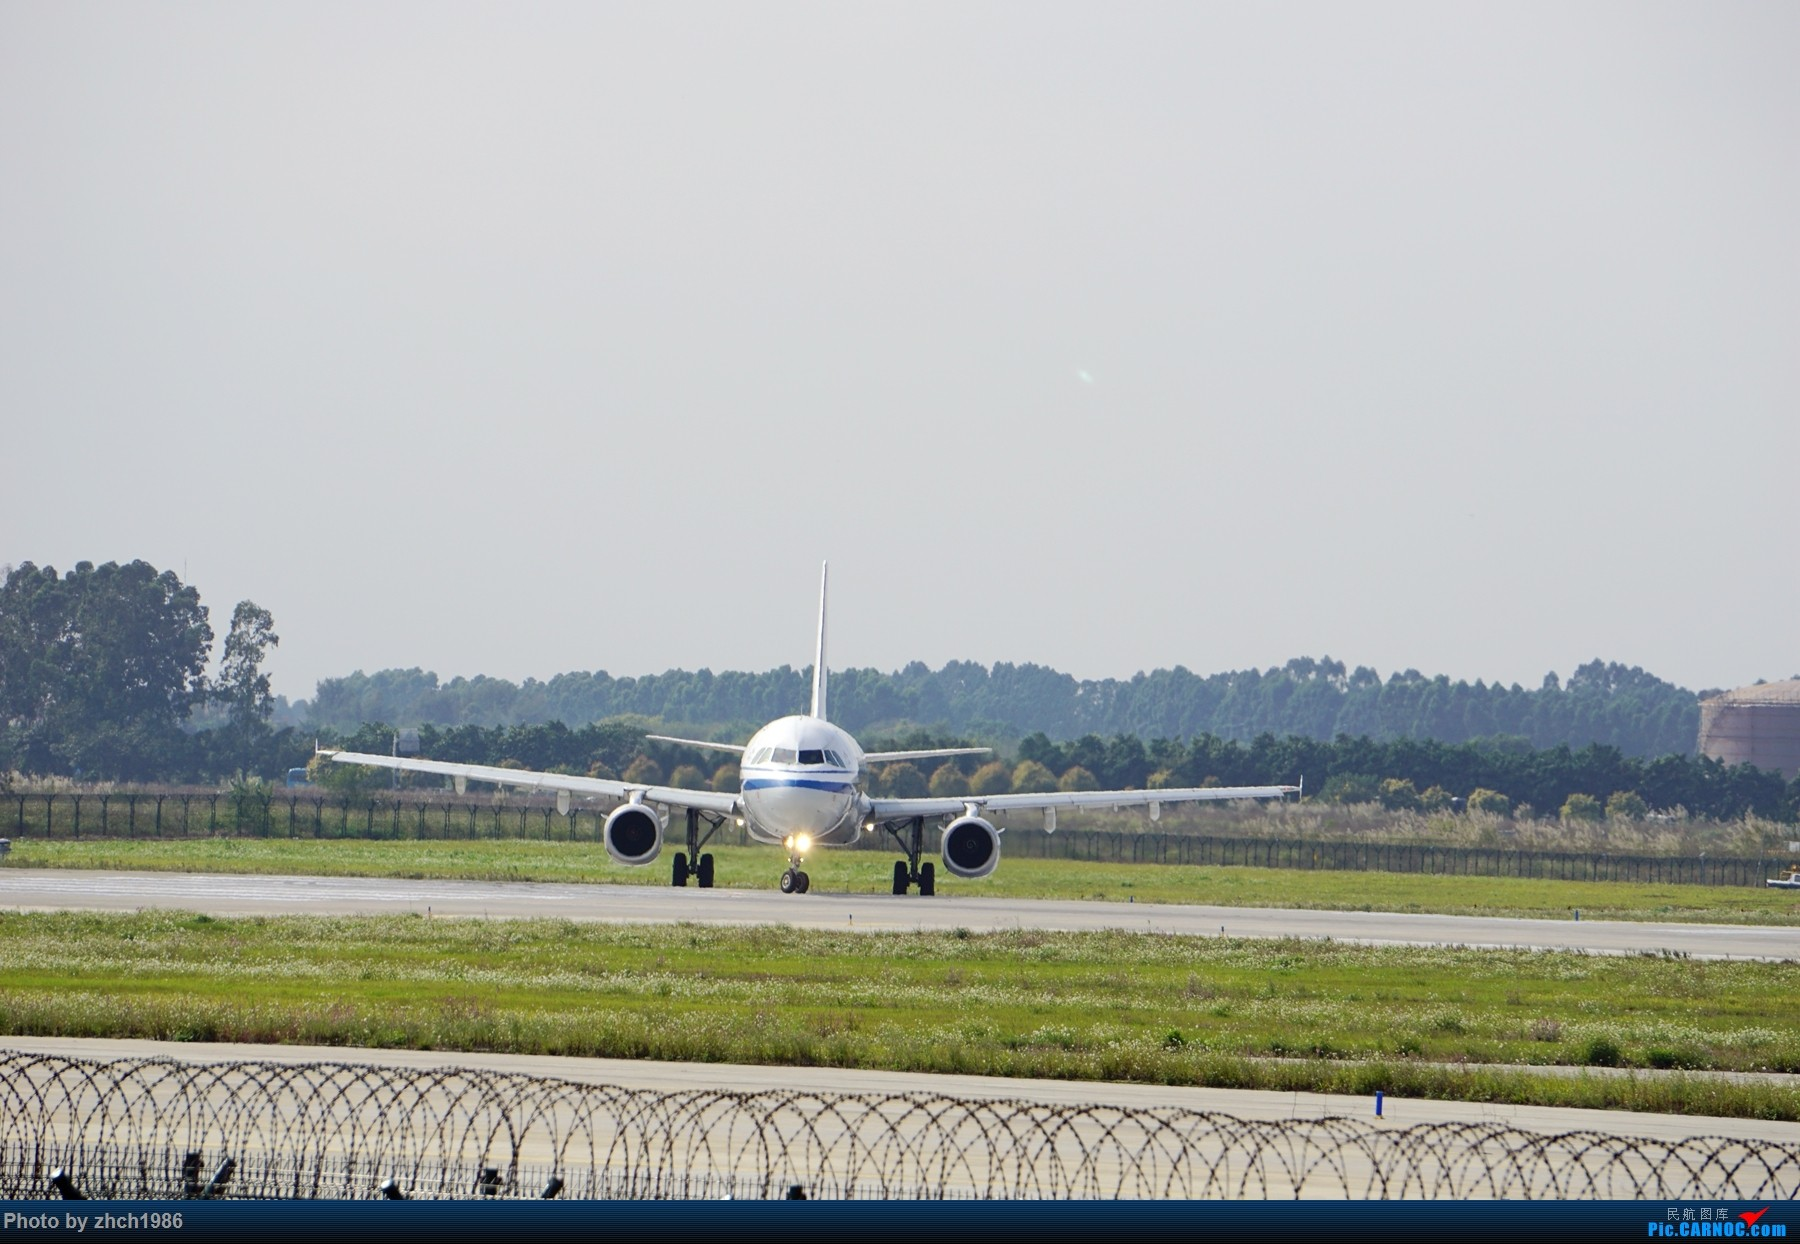 Re:[原创]【南充飞友会】CAN东二 一些起飞 一些降落 AIRBUS A321-200 B-6883 中国广州白云国际机场